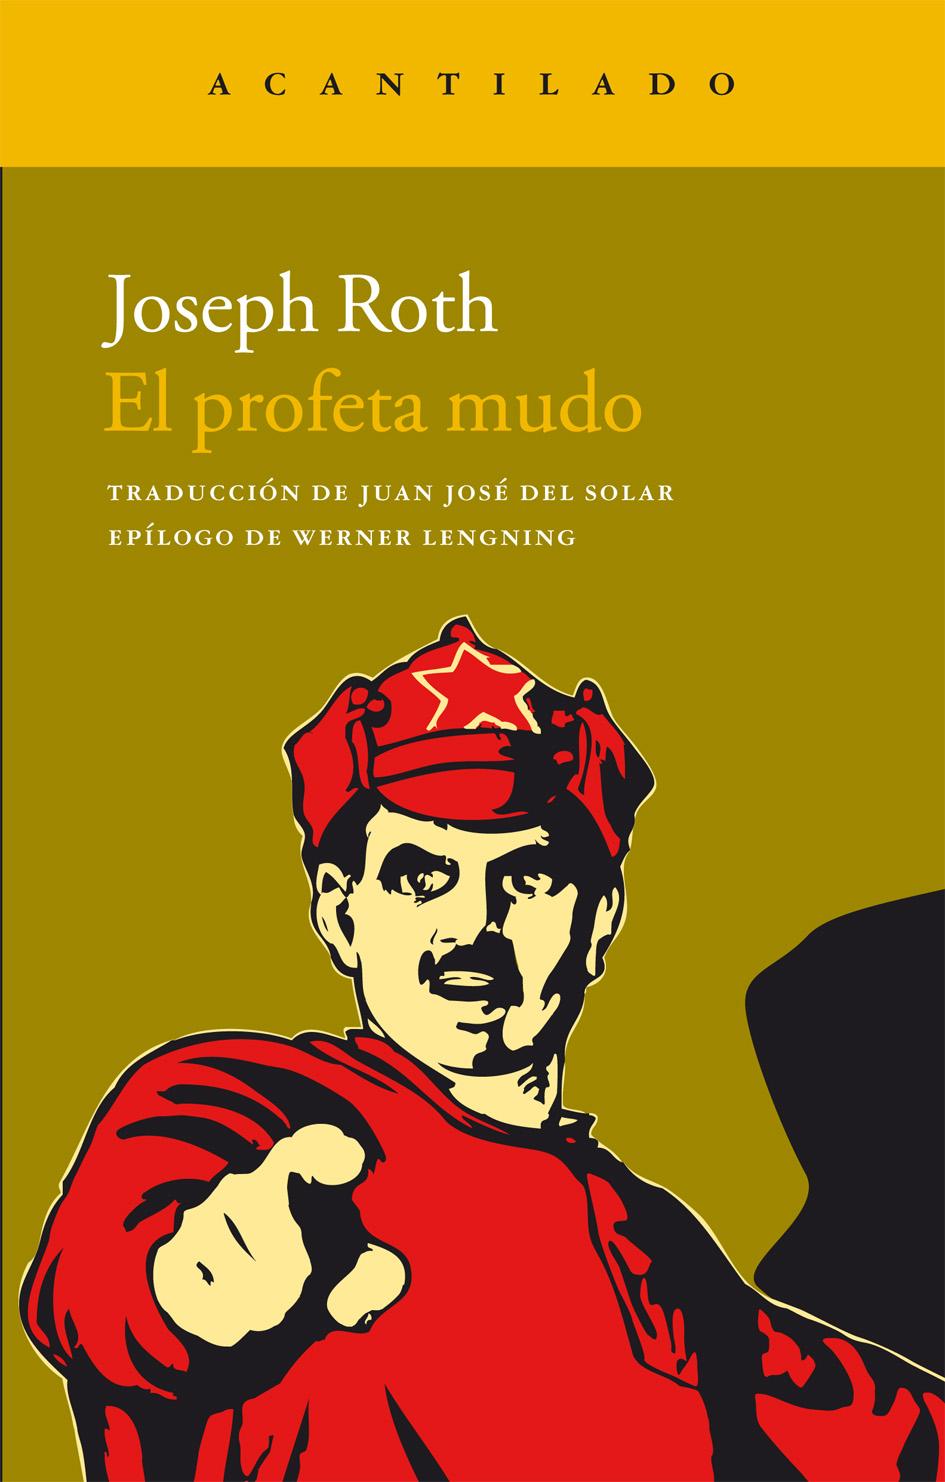 Resultado de imagen de el profeta mudo joseph roth